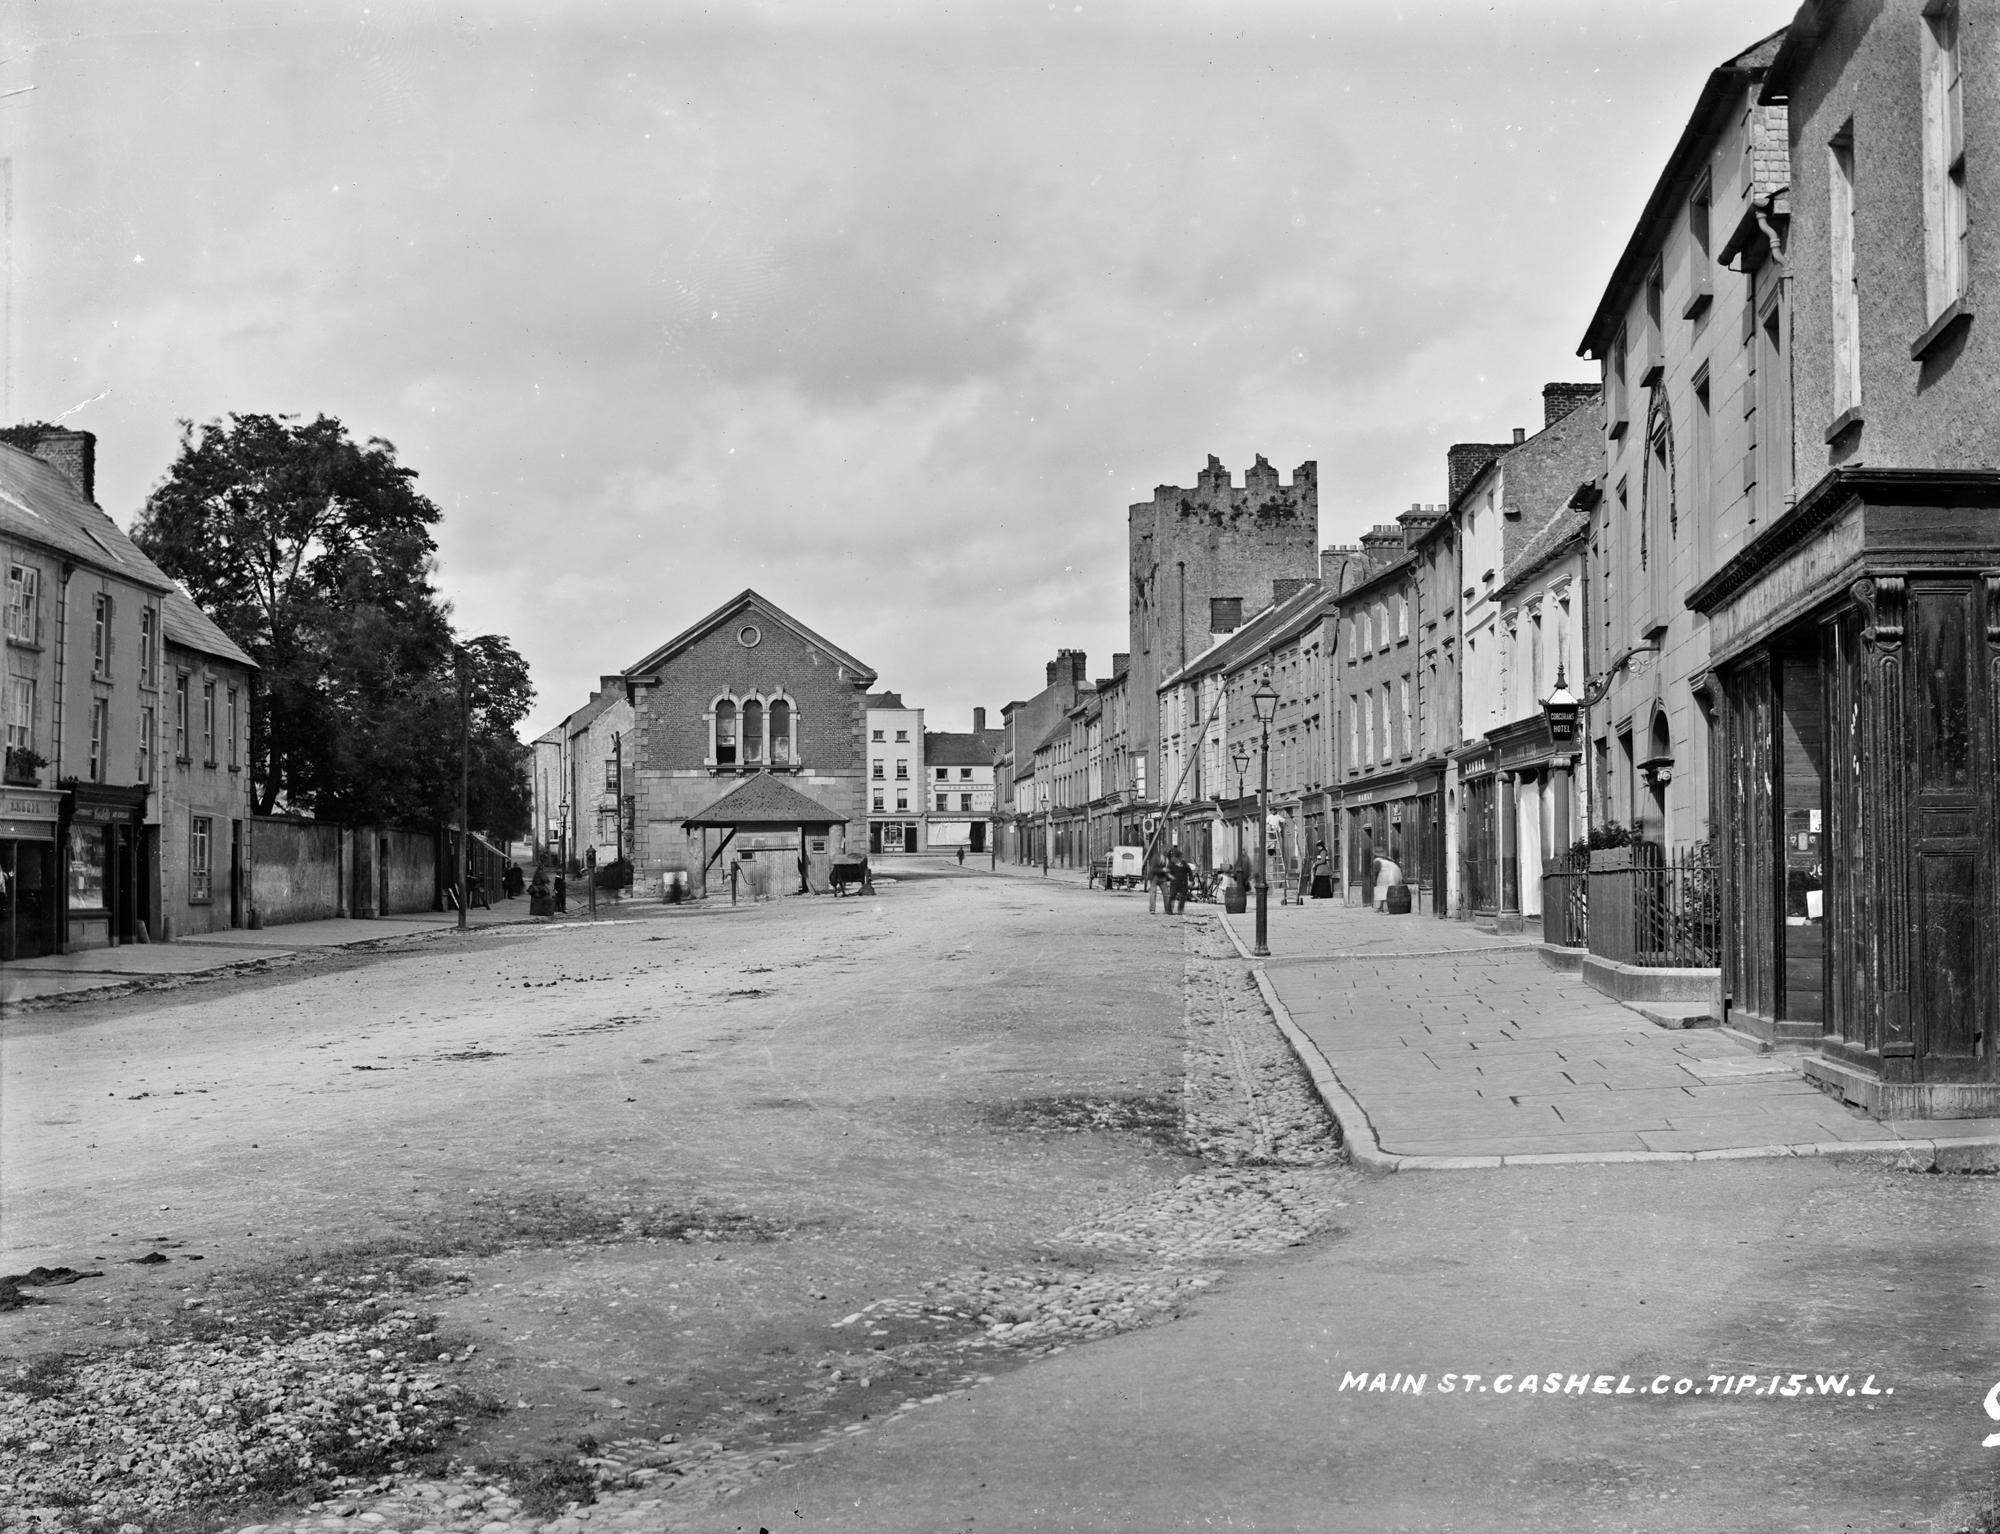 Main Street, Cashel, Co. Tipperary